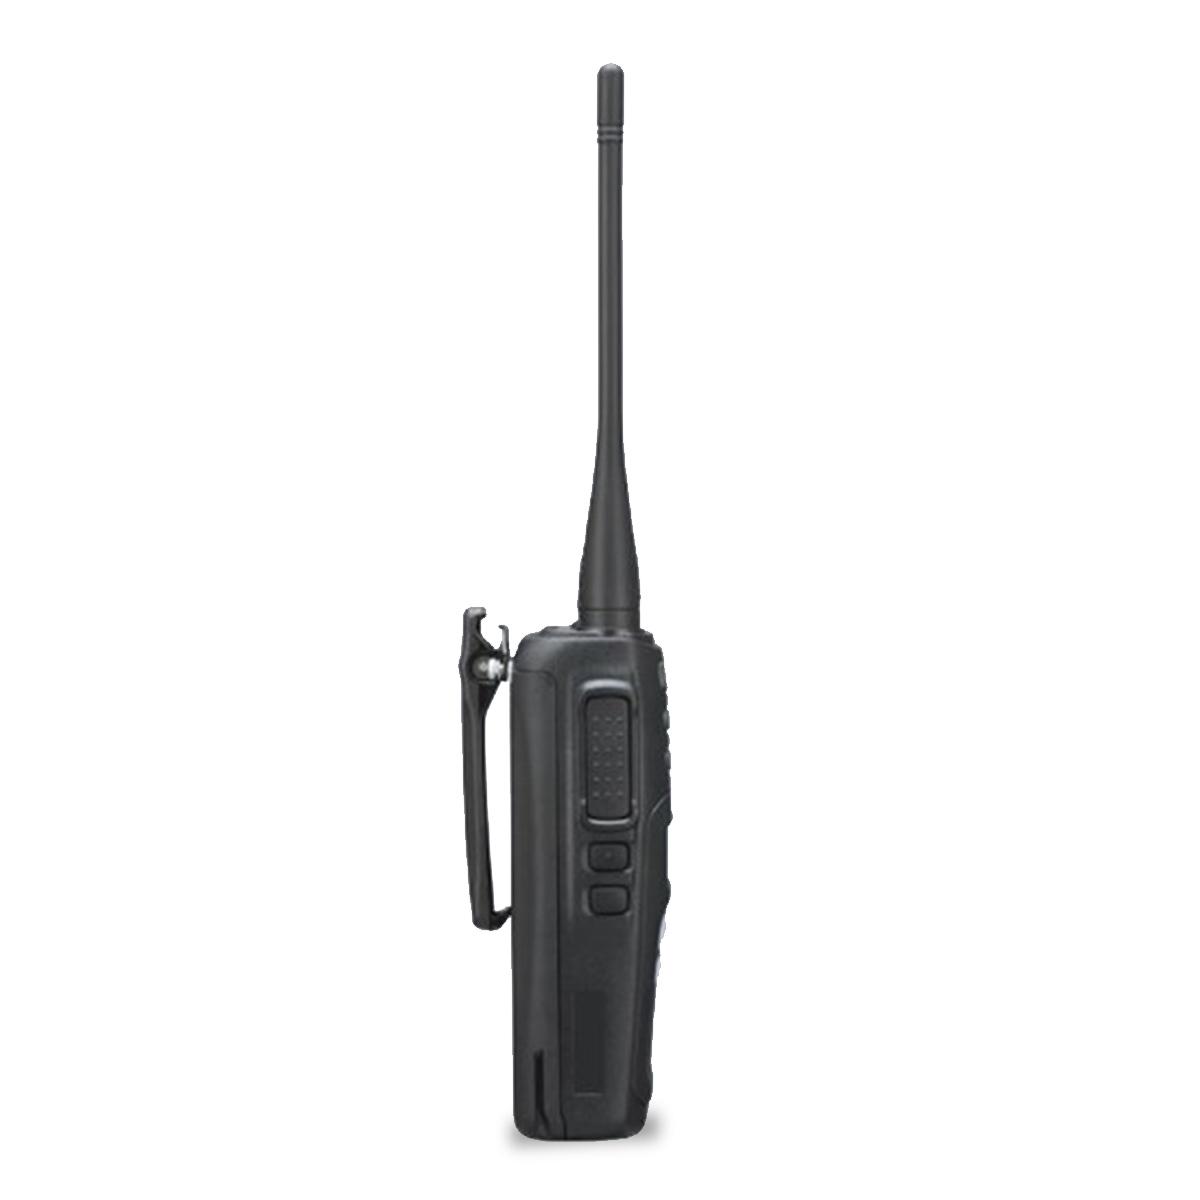 Radio KENWOOD NX-1300 Digital UHF 450-520 MHz con pantalla y teclado limitado